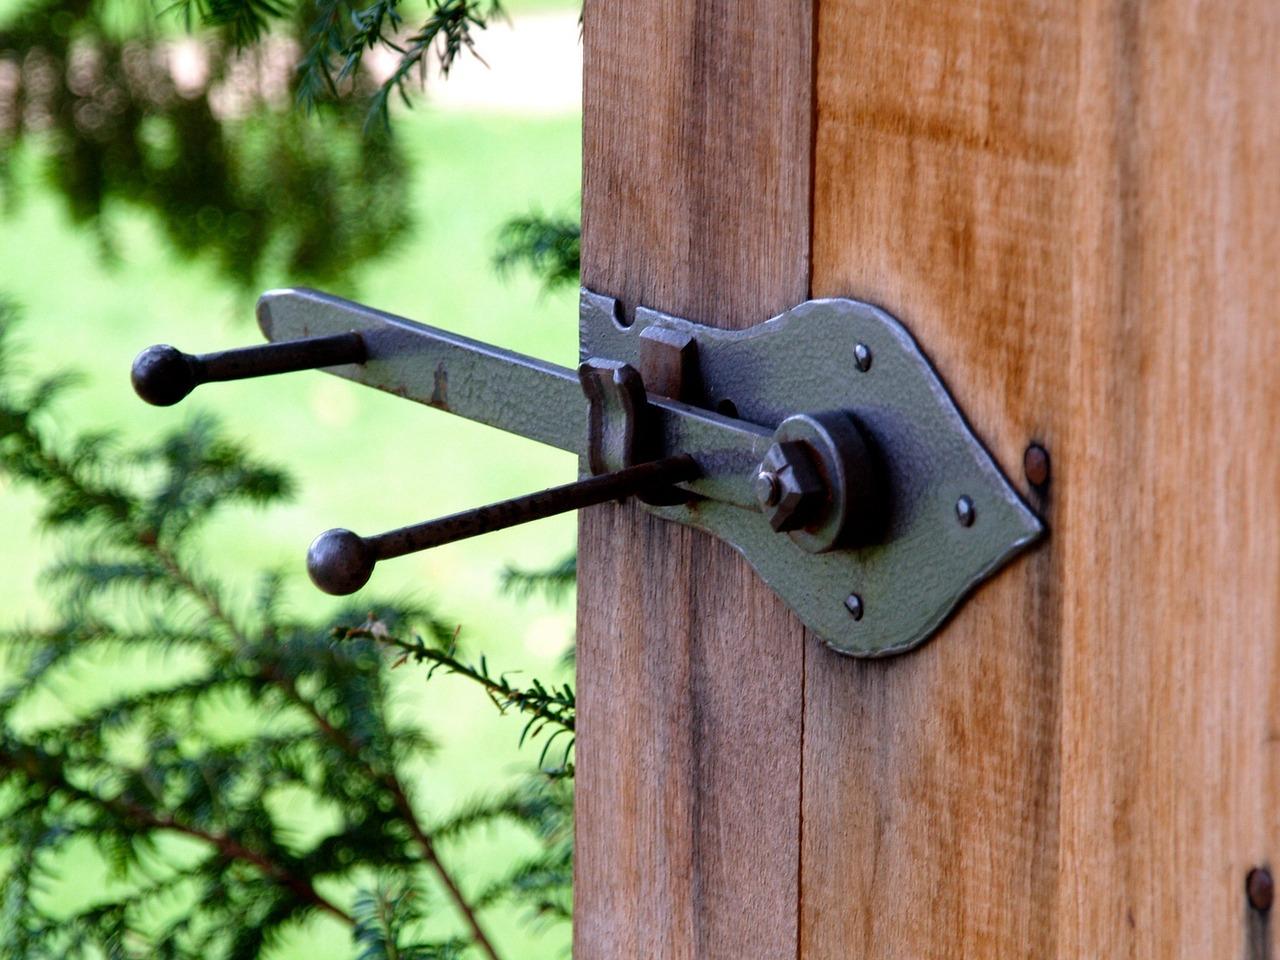 Des astuces pour ouvrir facilement une porte claquée